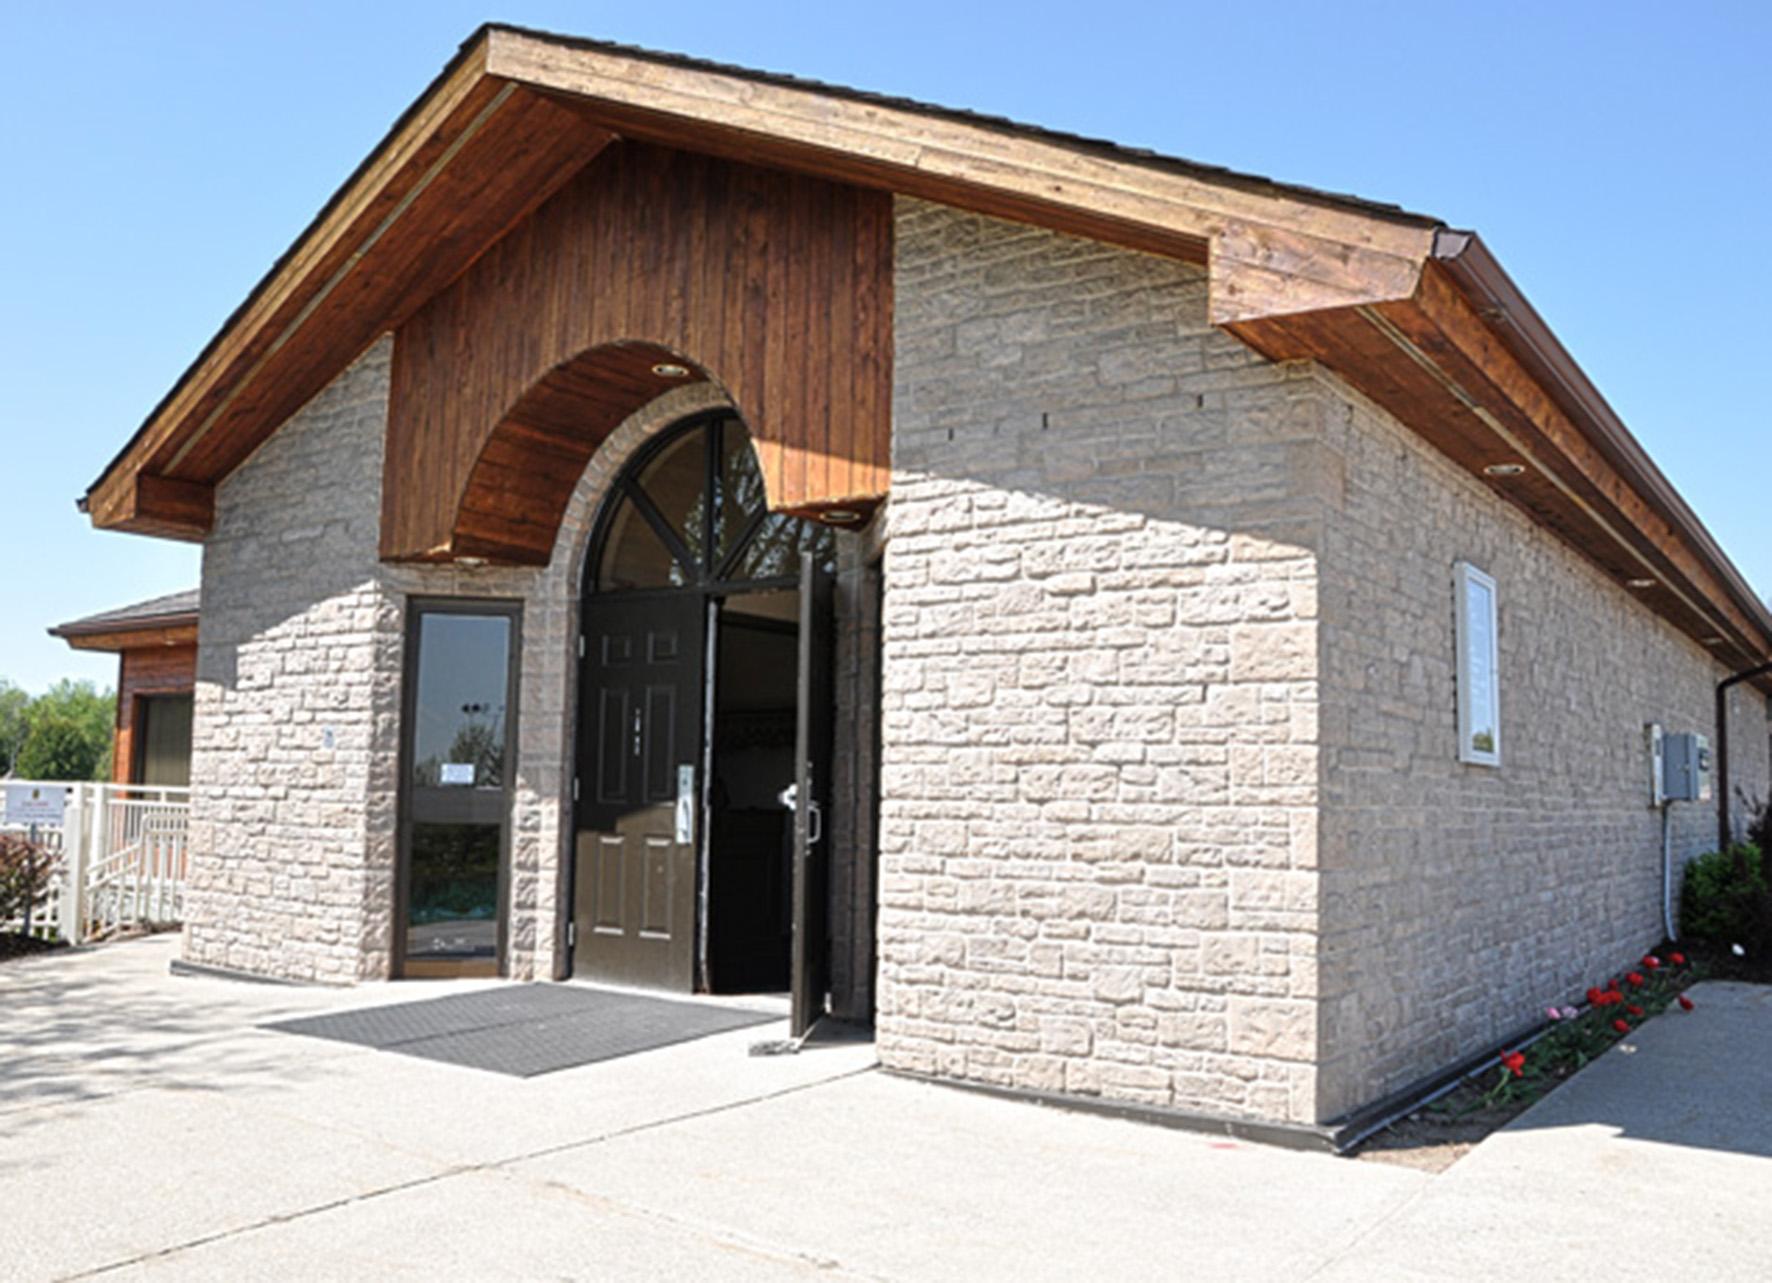 Monora Park Pavilion Entrance